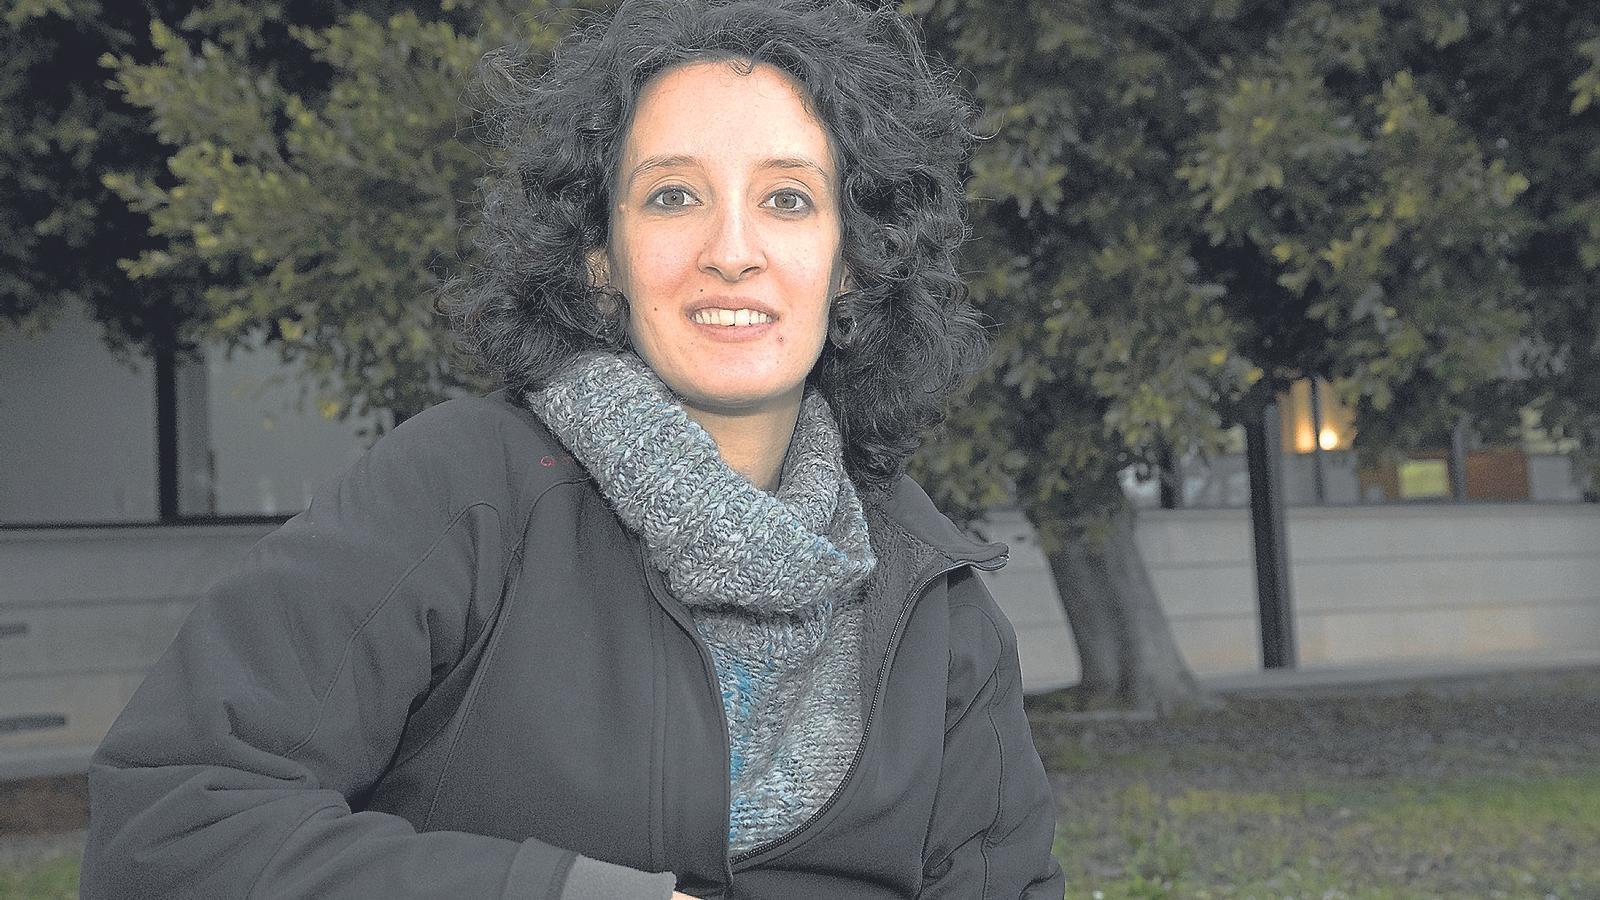 """Maria Rodó de Zárate: """"Saber-te opressor és sempre complicat d'admetre i gestionar"""""""